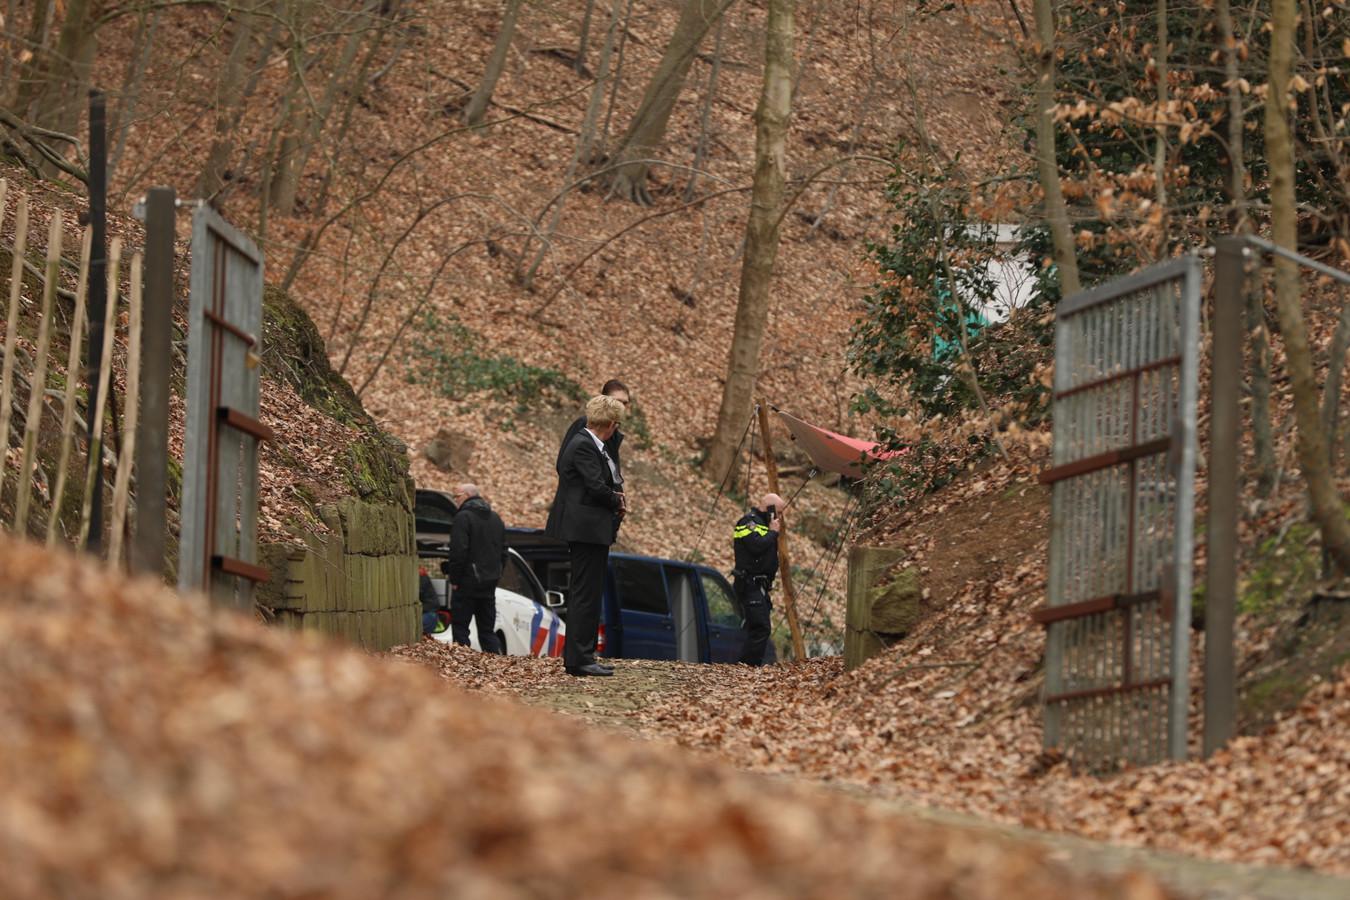 De politie doet onderzoek naar een lichaam dat woensdagochtend werd aangetroffen in Park Zijpendaal in Arnhem.